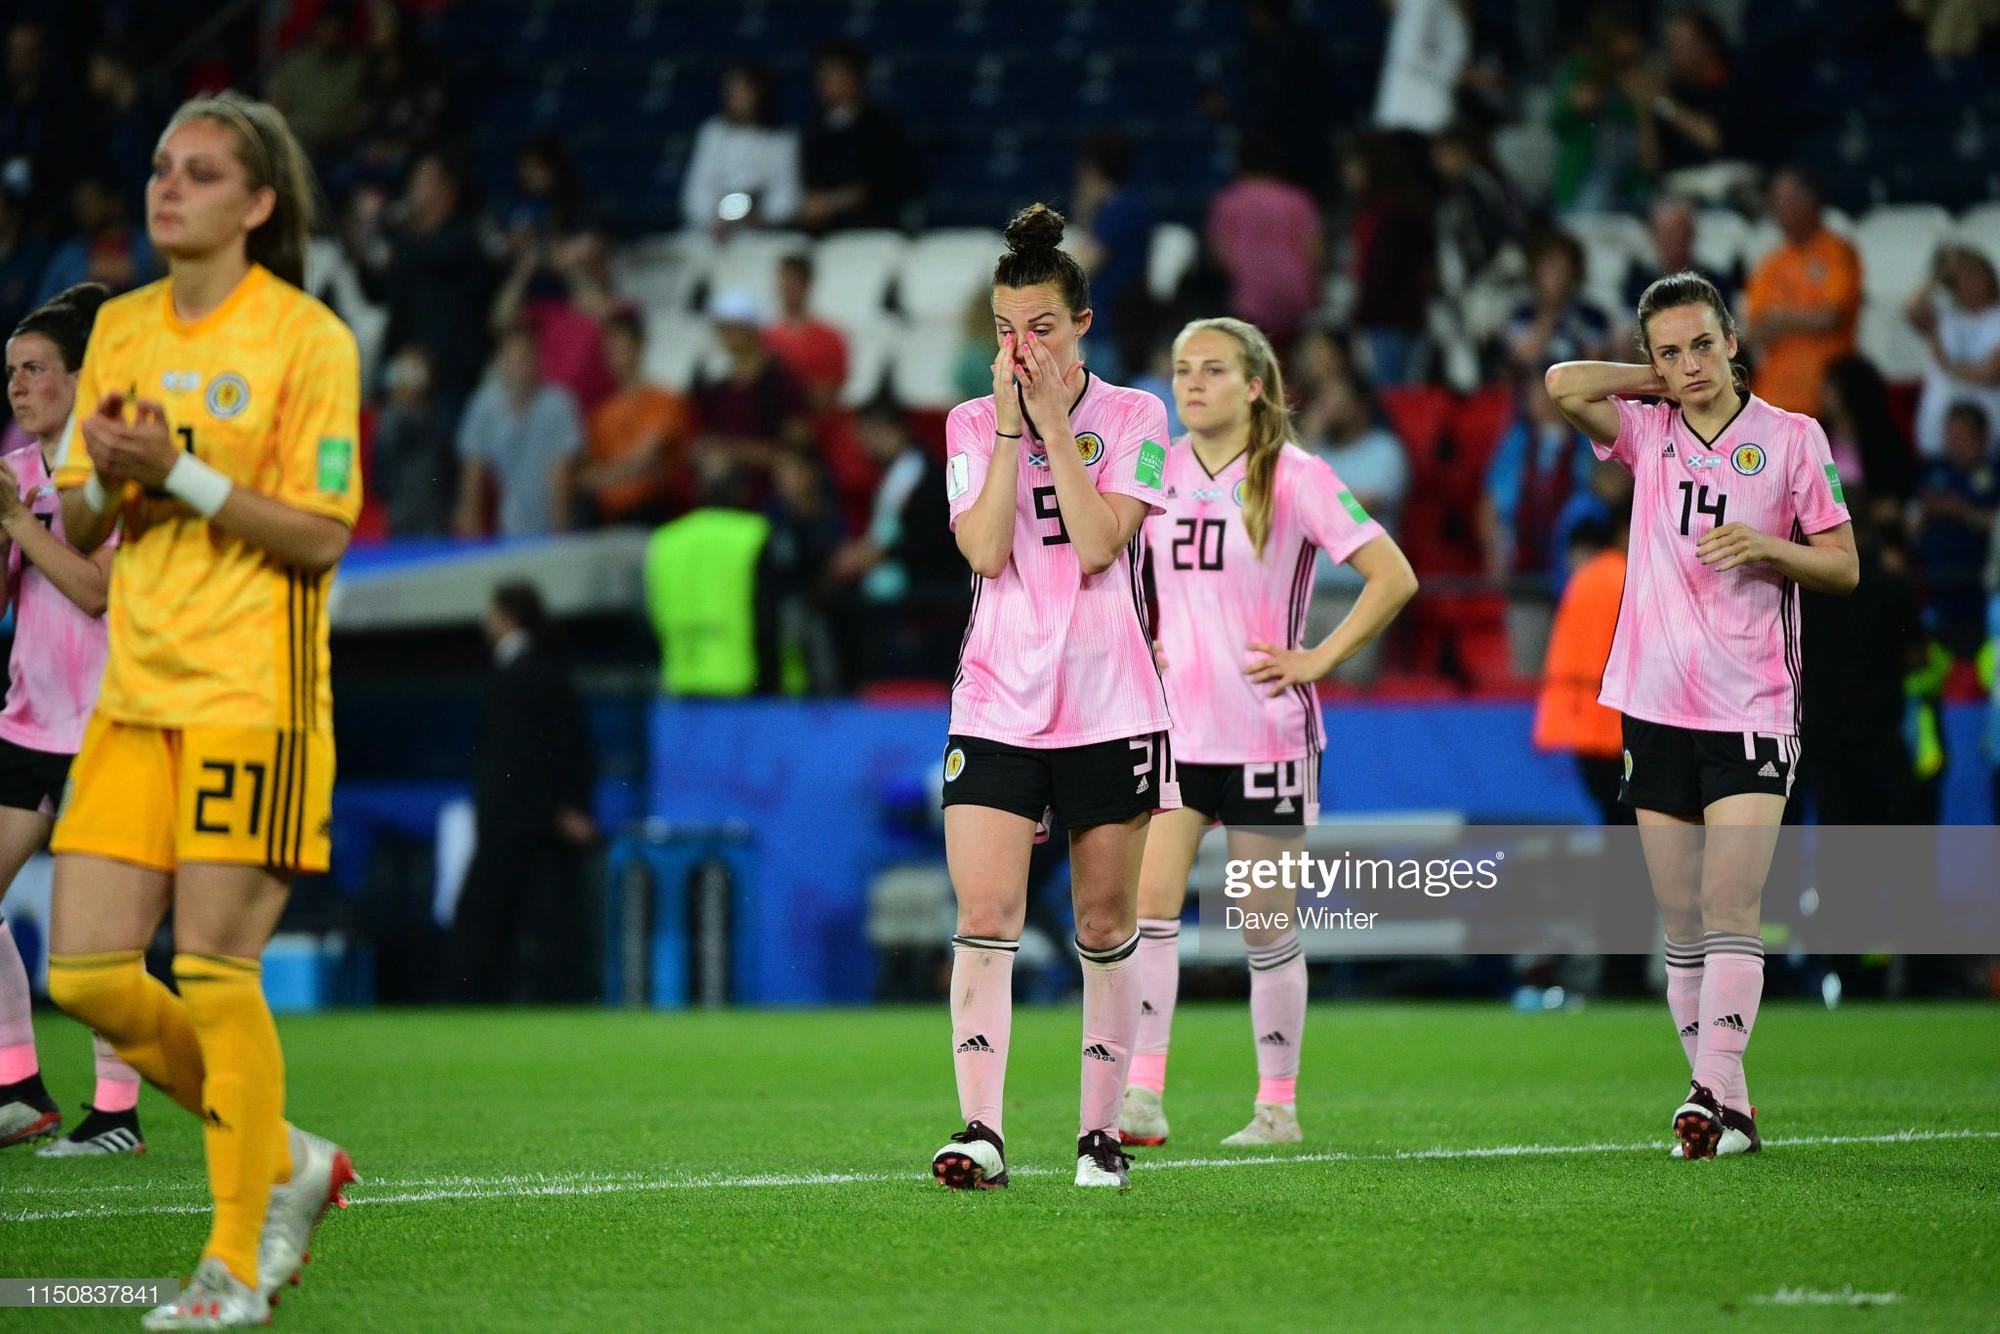 Dẫn trước 3 bàn nhưng bị gỡ hòa trong vỏn vẹn 20 phút, tuyển nữ Scotland bật khóc nức nở khi bị loại khỏi World Cup nữ 2019 - Ảnh 3.